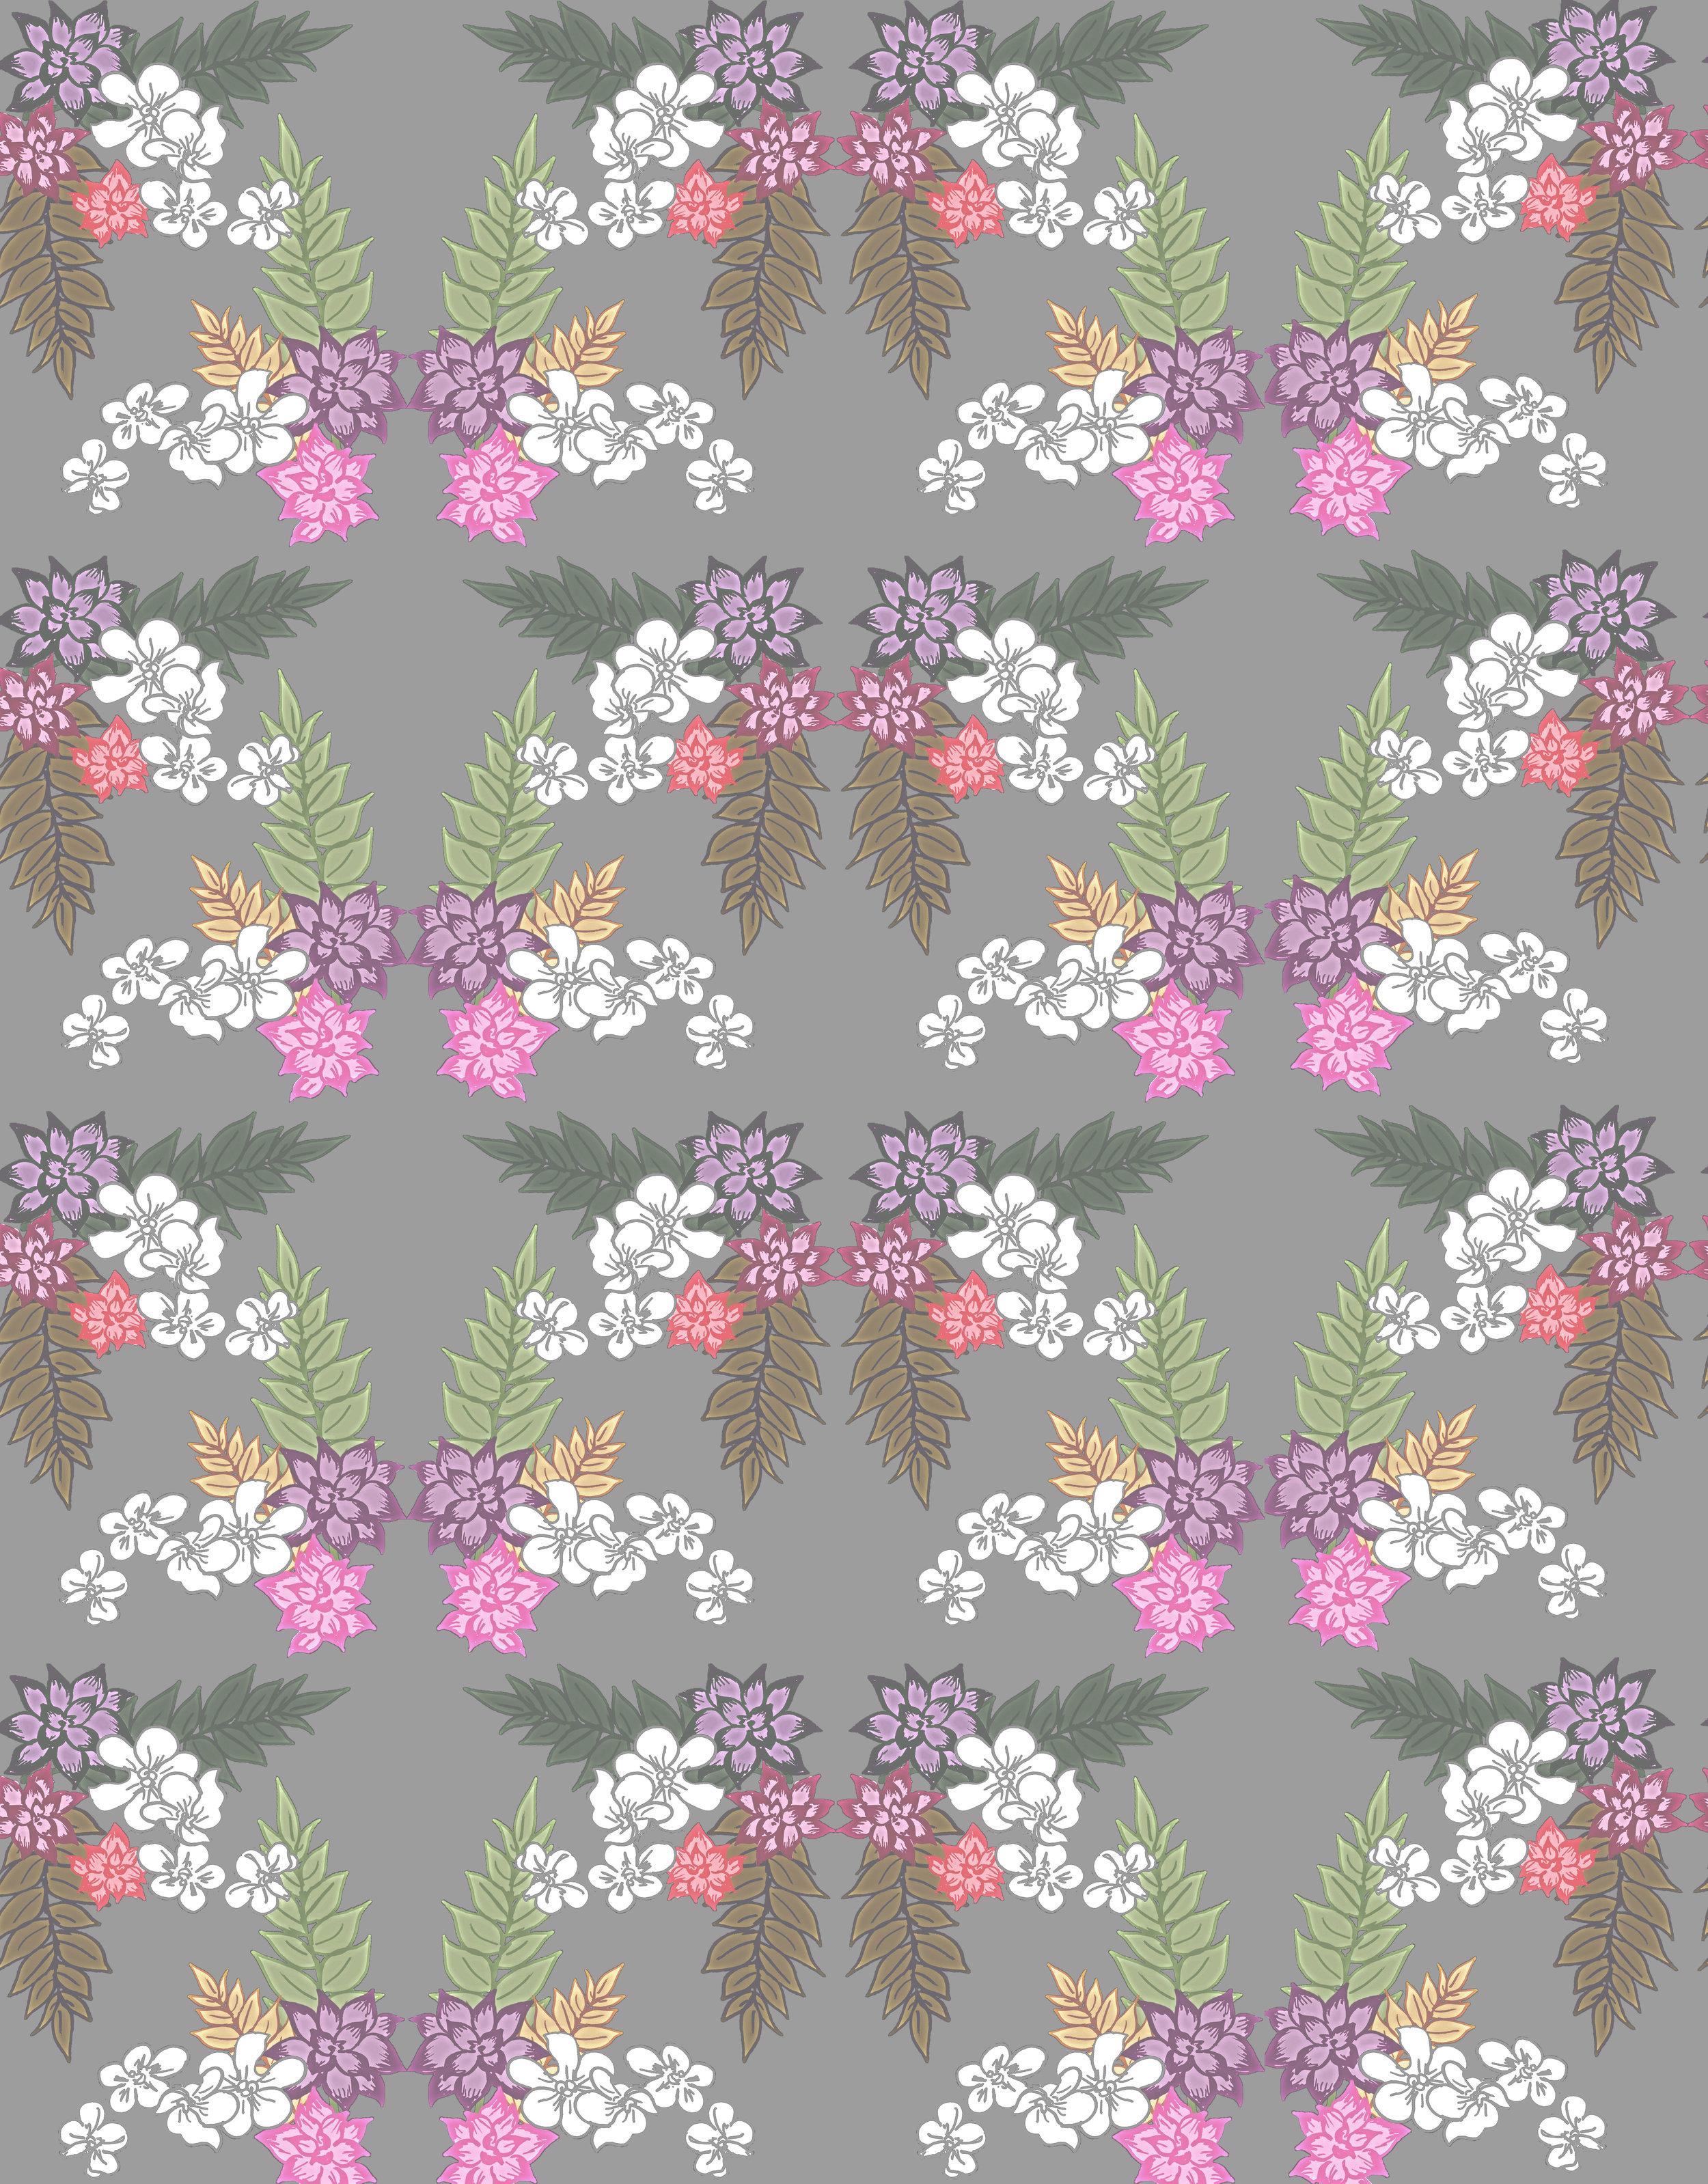 flowerprint2.jpg